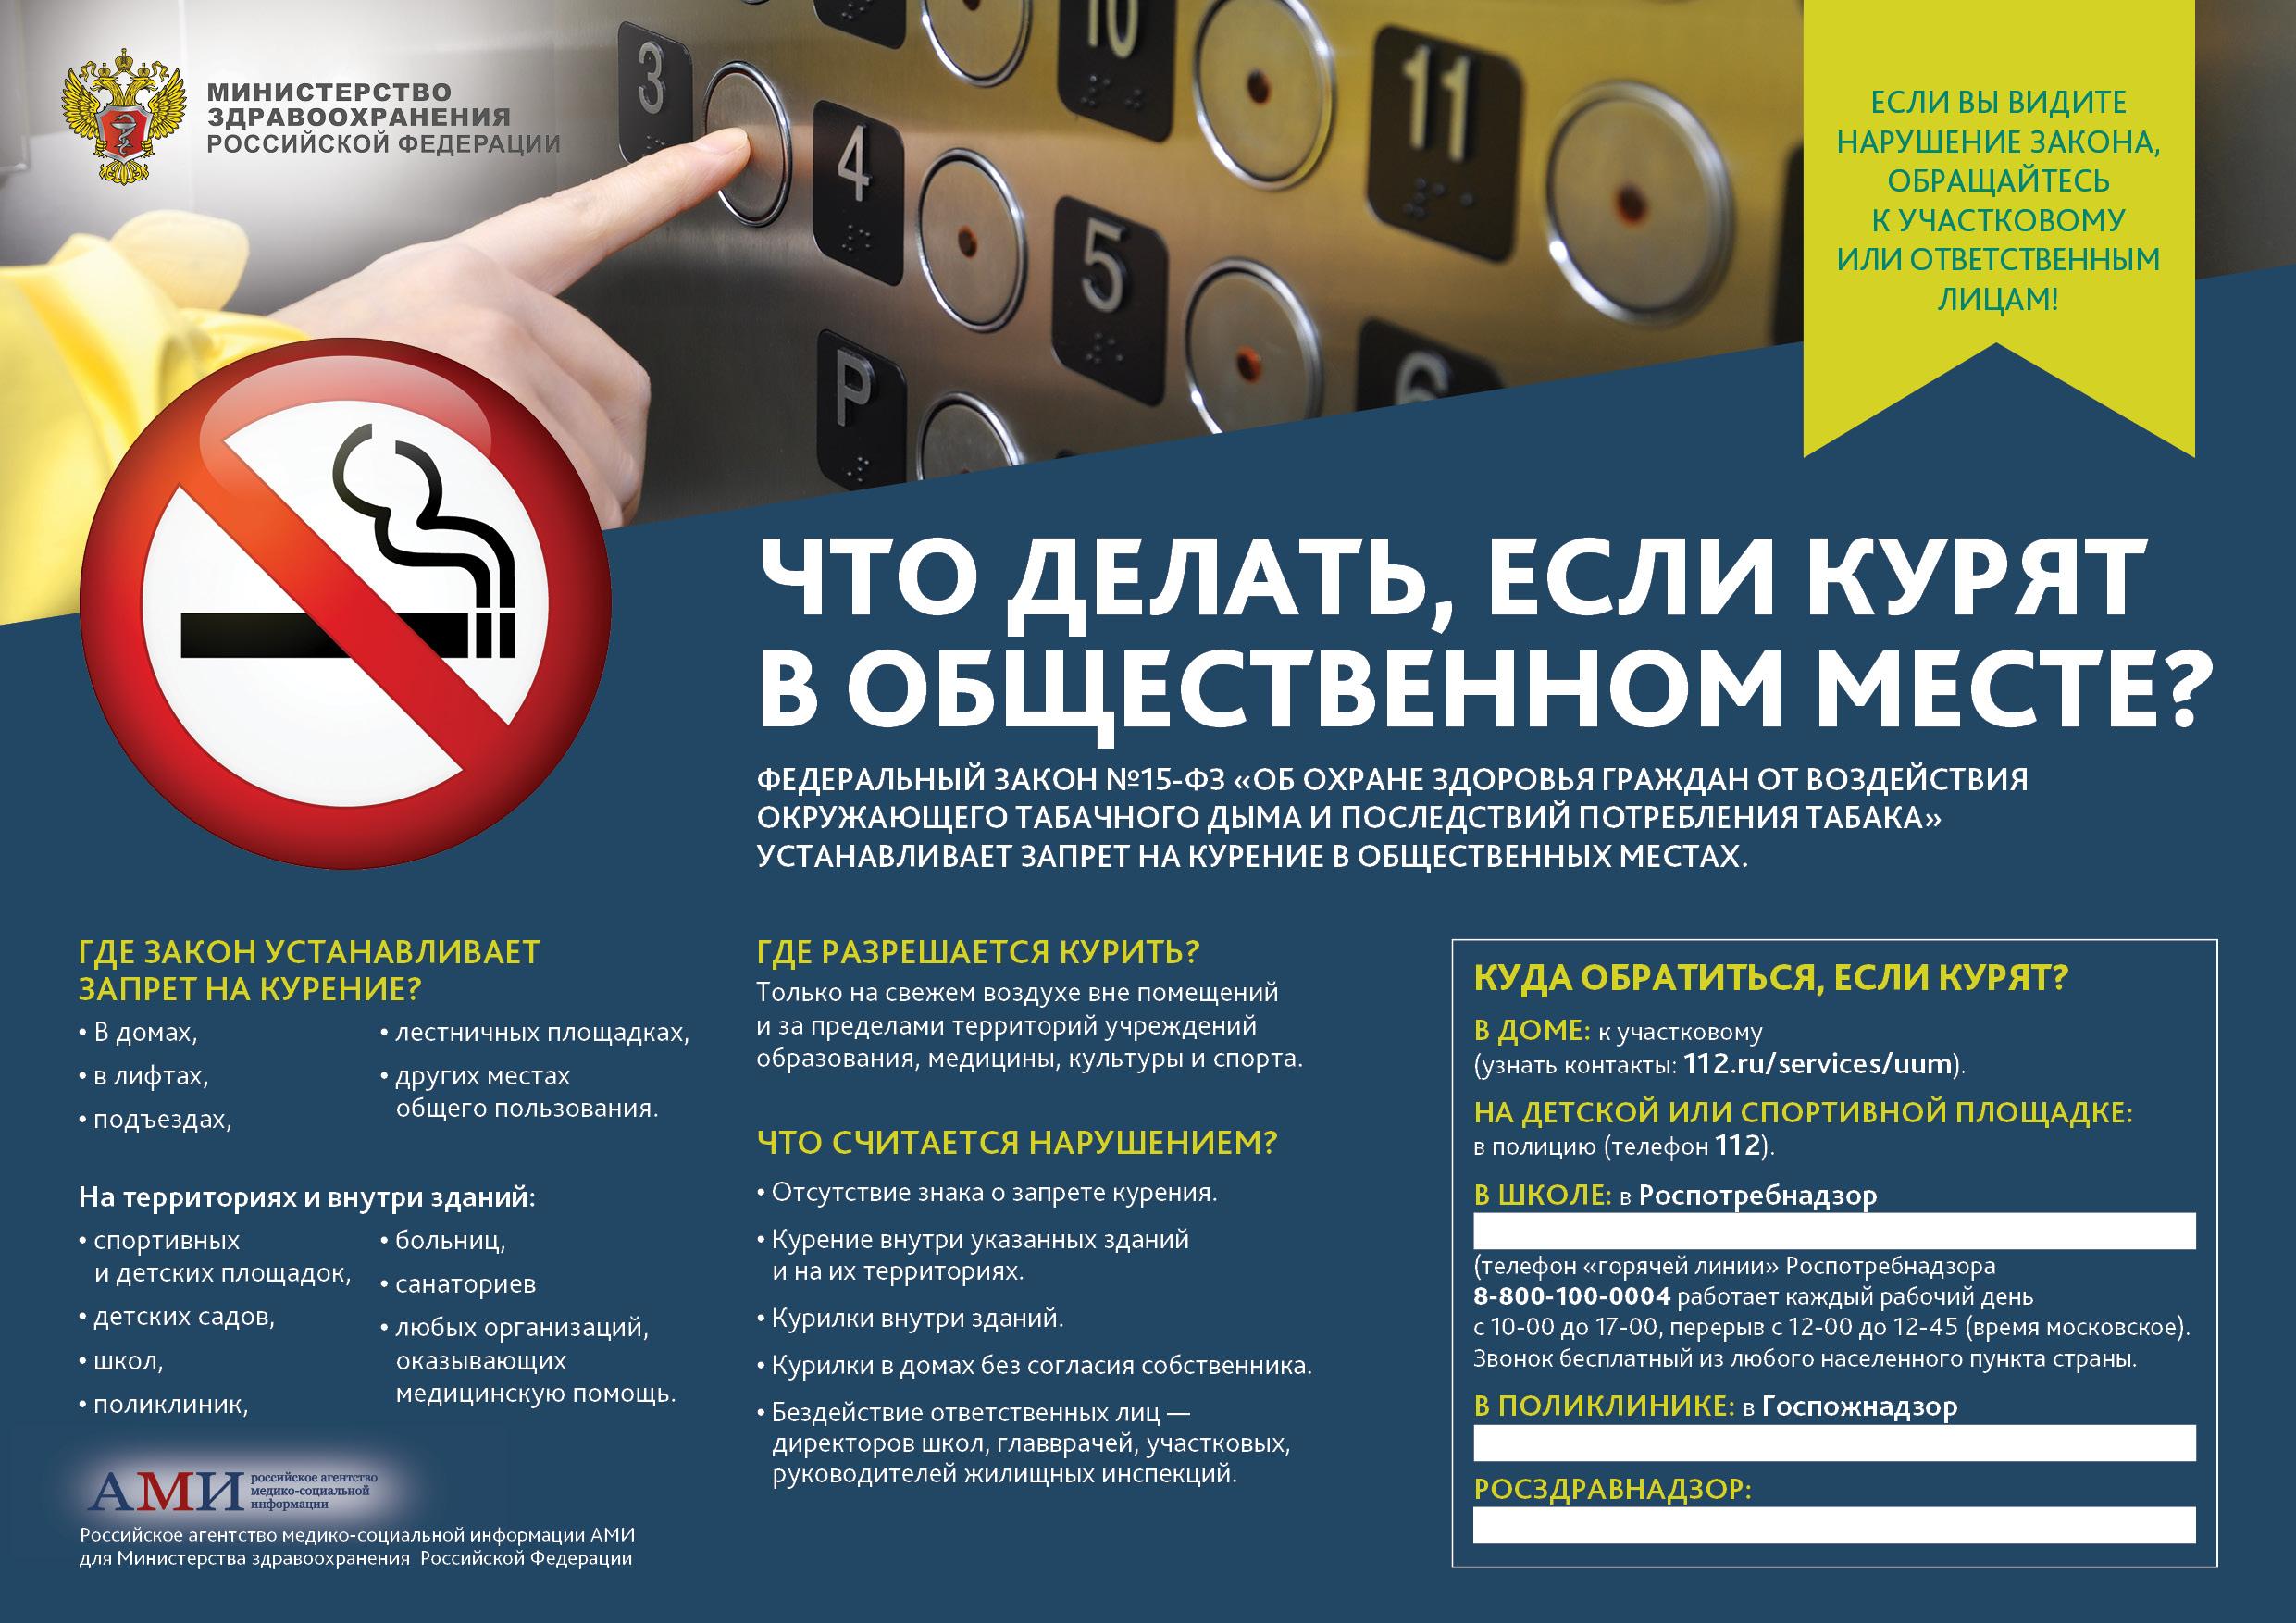 Что делать, если курят в общественном месте (плакаты)? буз у.